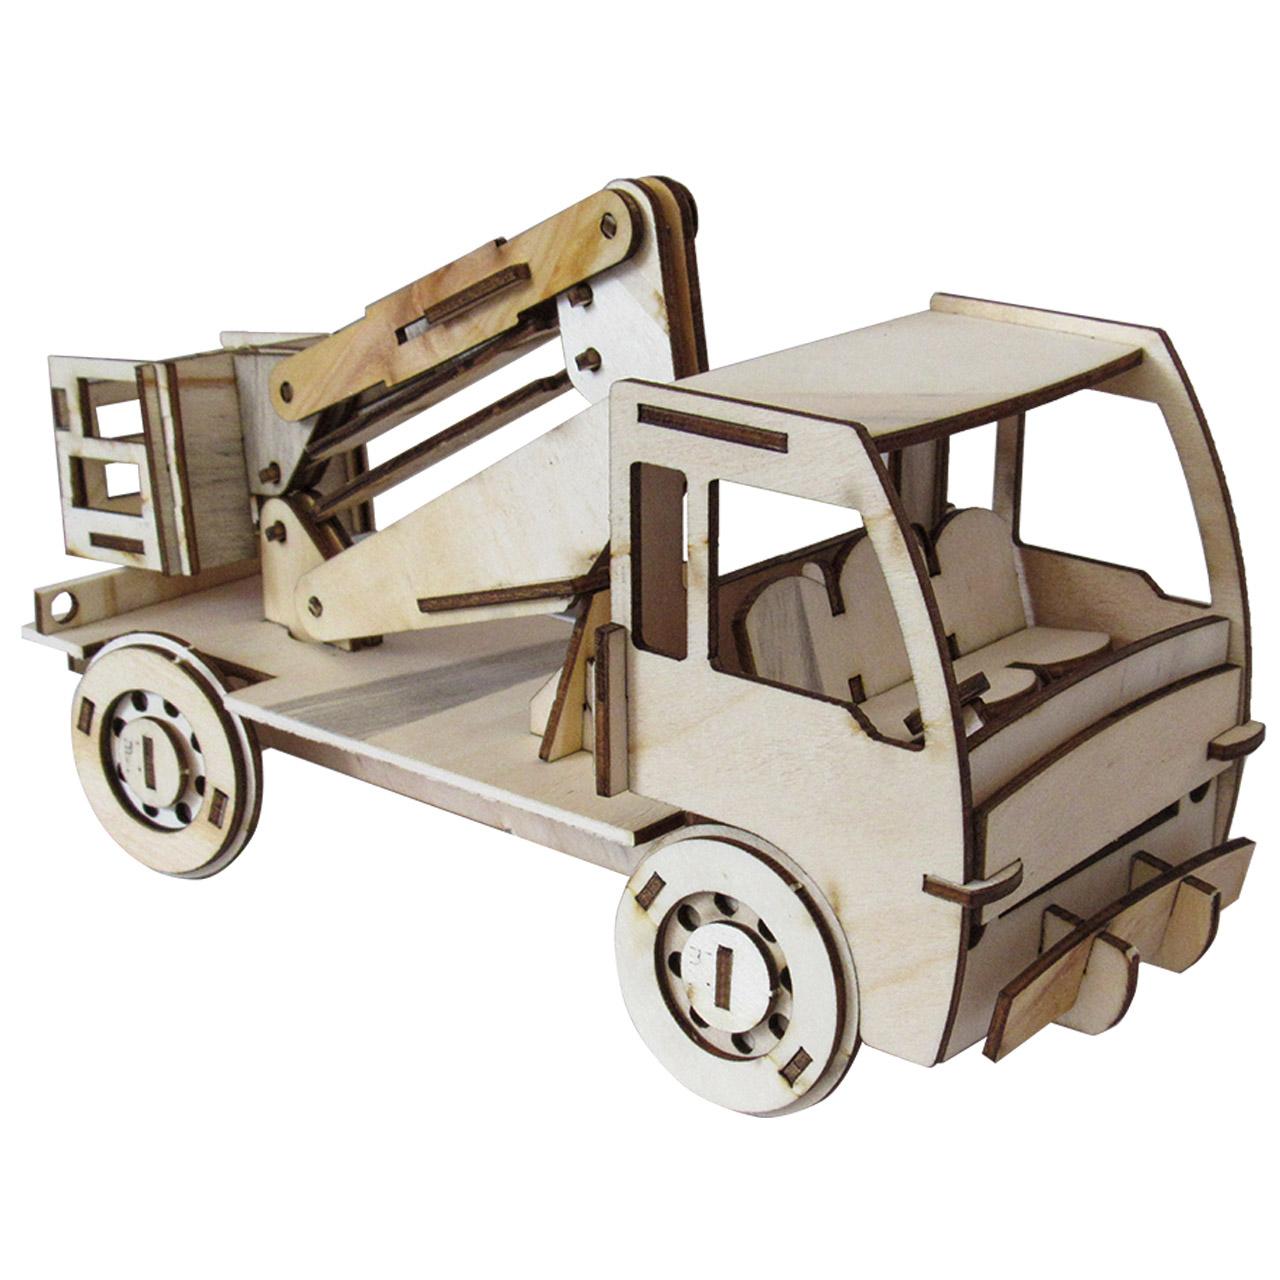 پازل سه بعدی چوبی 70 تکه برتاریو مدل بالابر